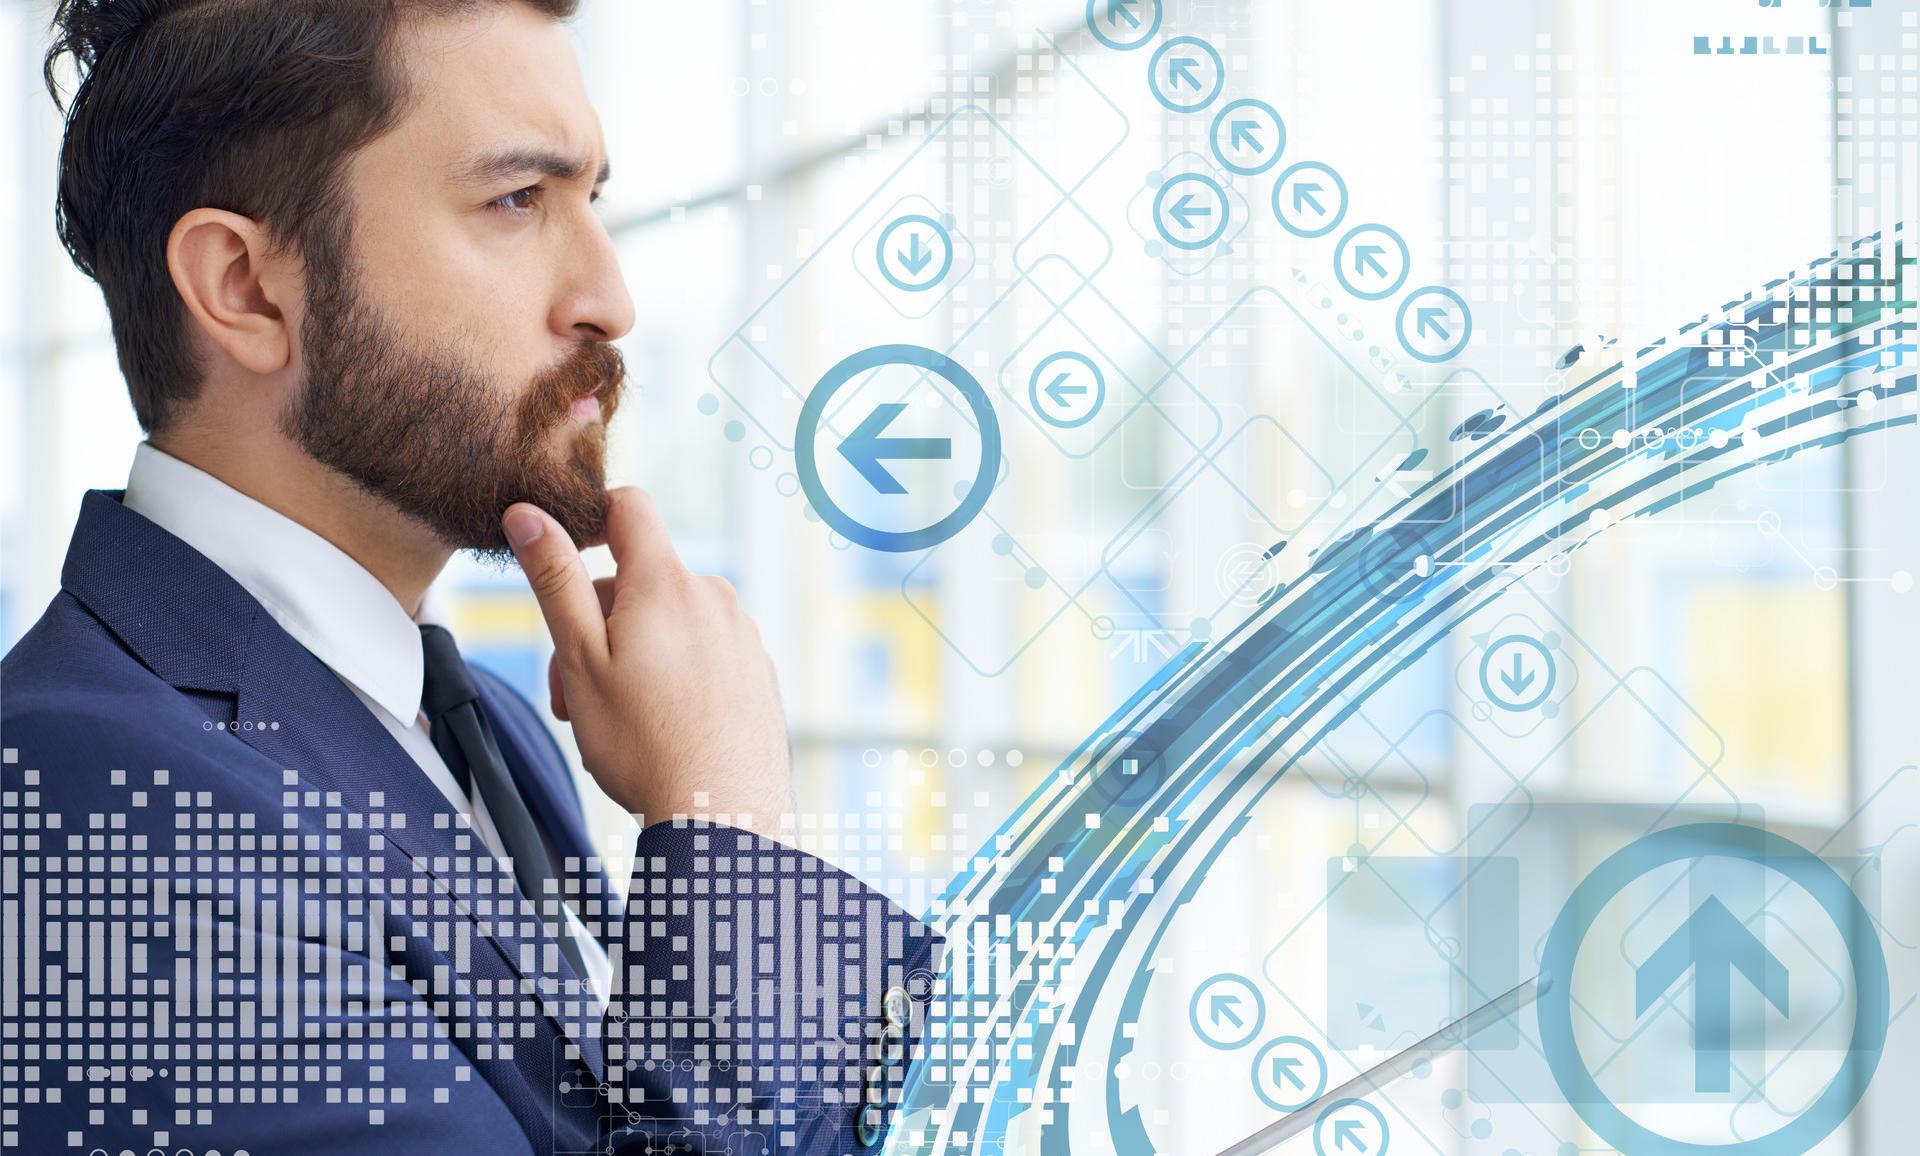 社交电商时代,小程序能够起到什么作用,为何如此被商家追捧?